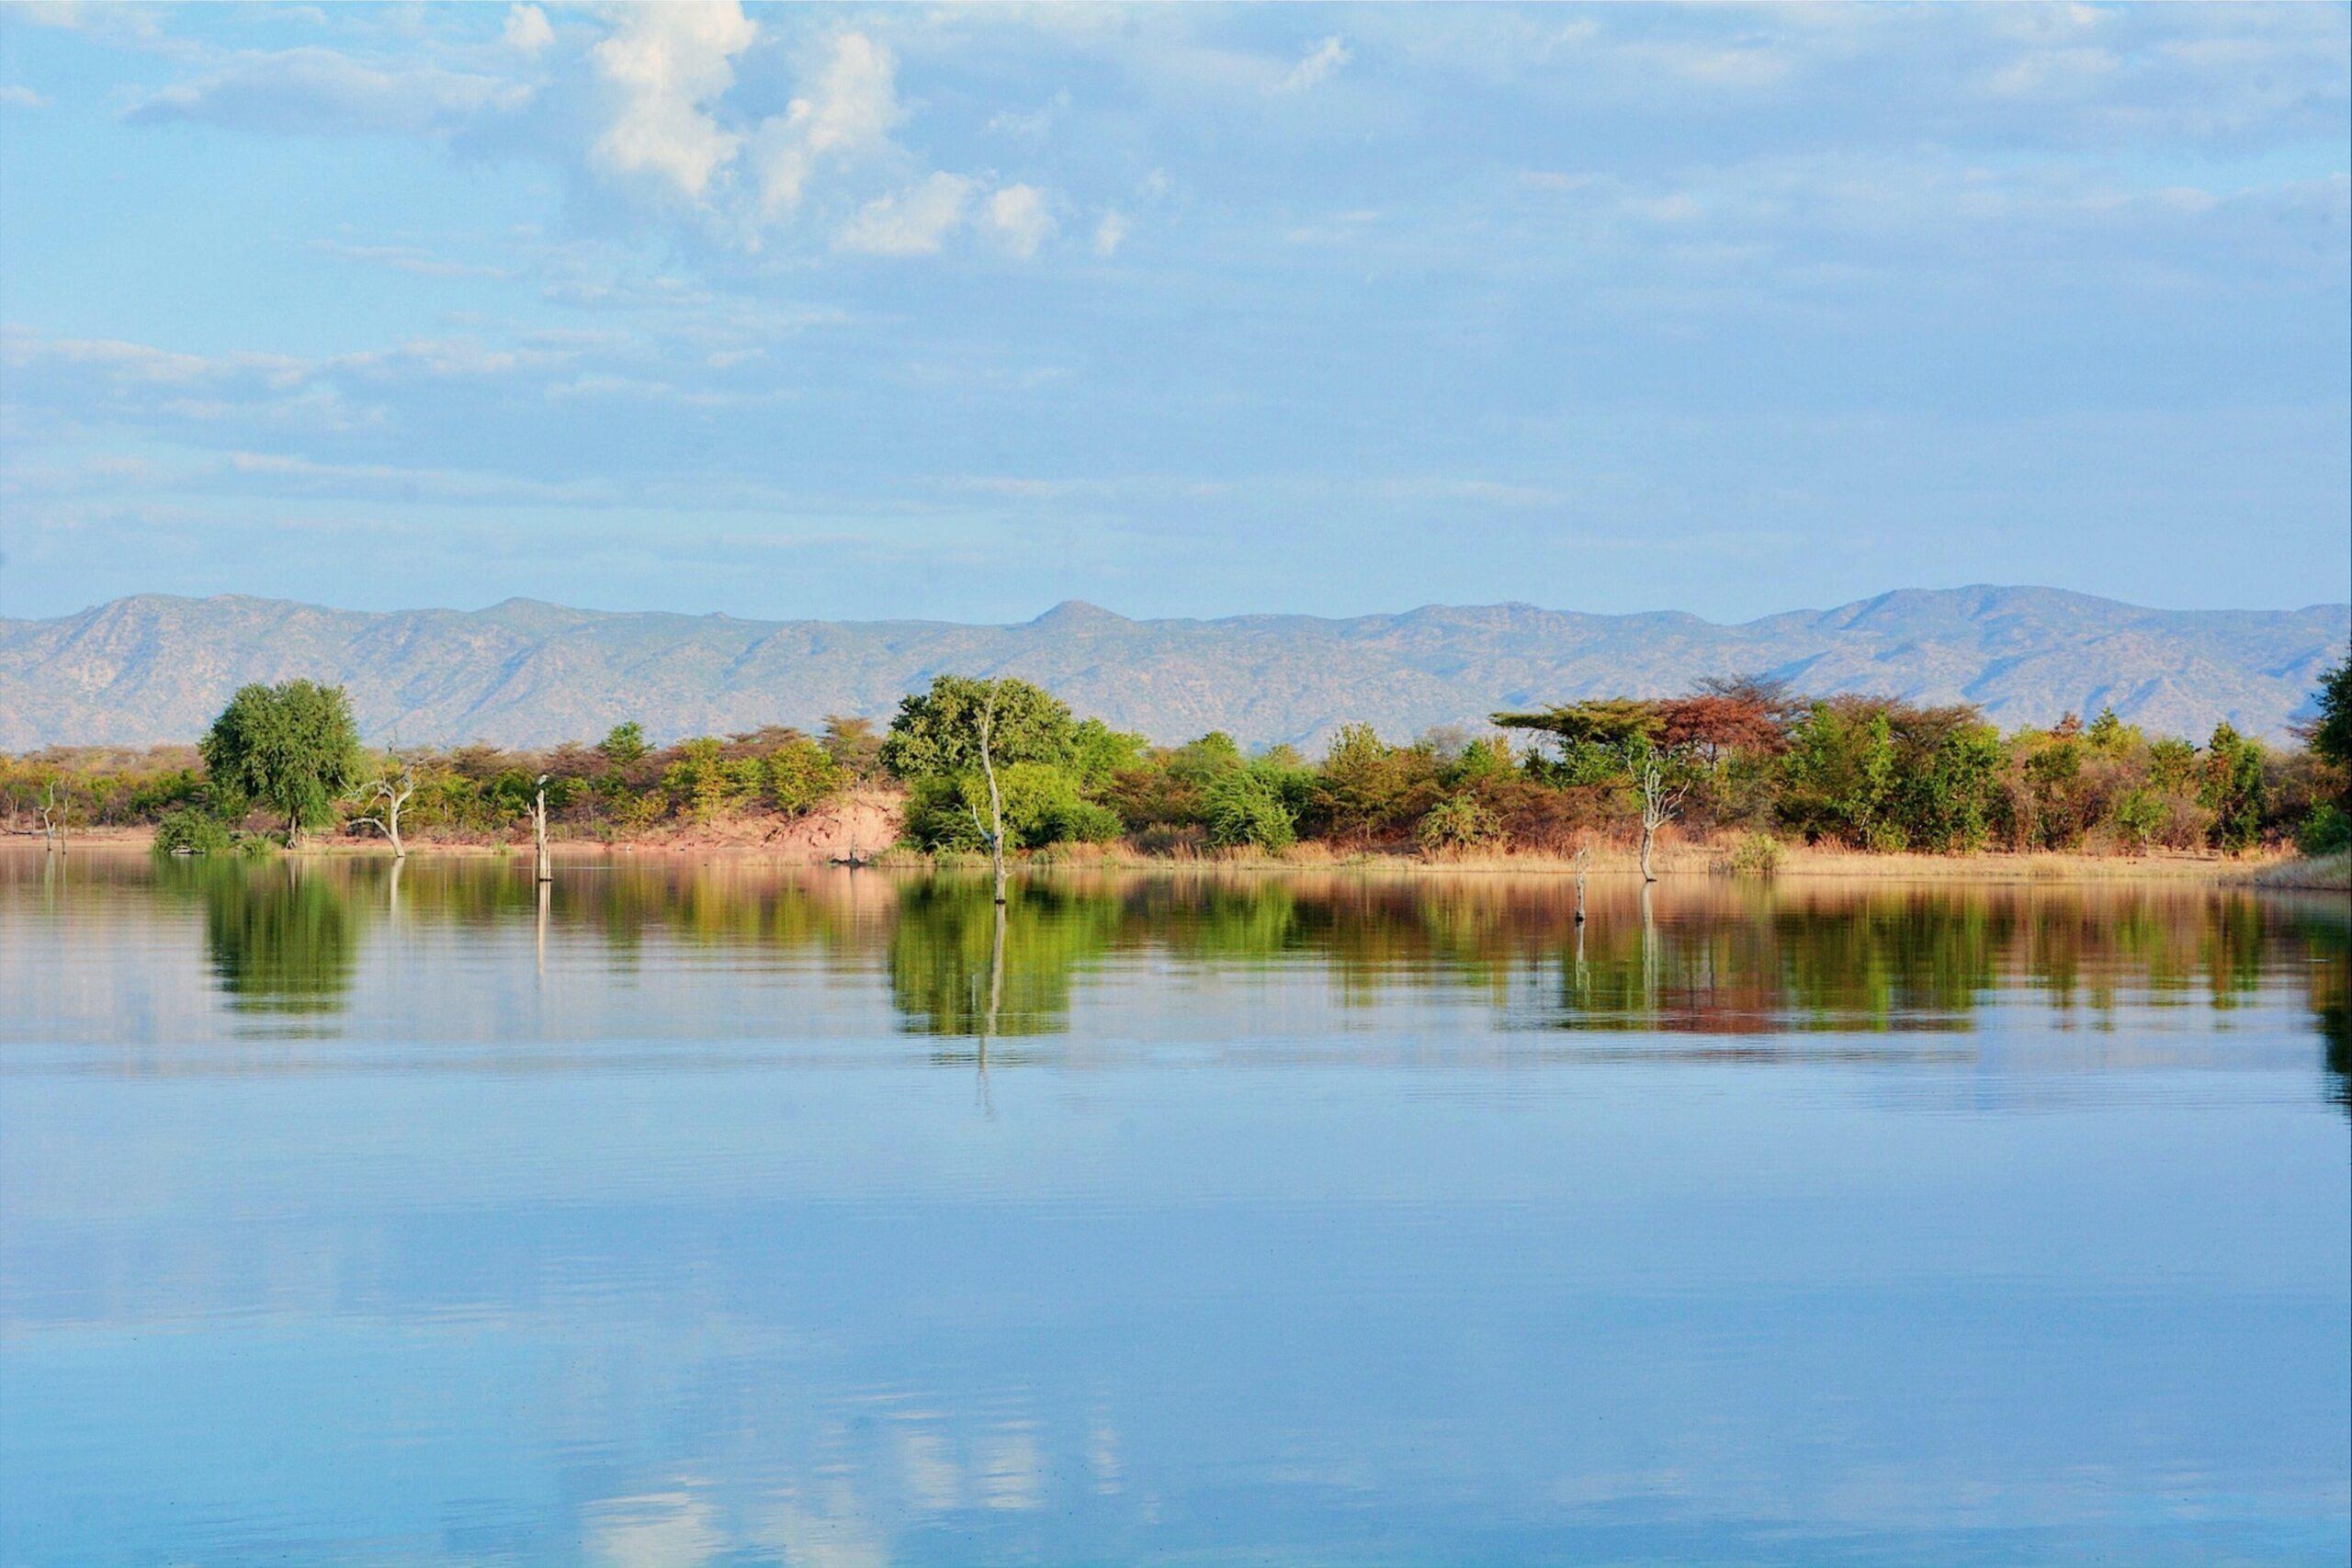 Zambiában is Chábád-központ nyílik